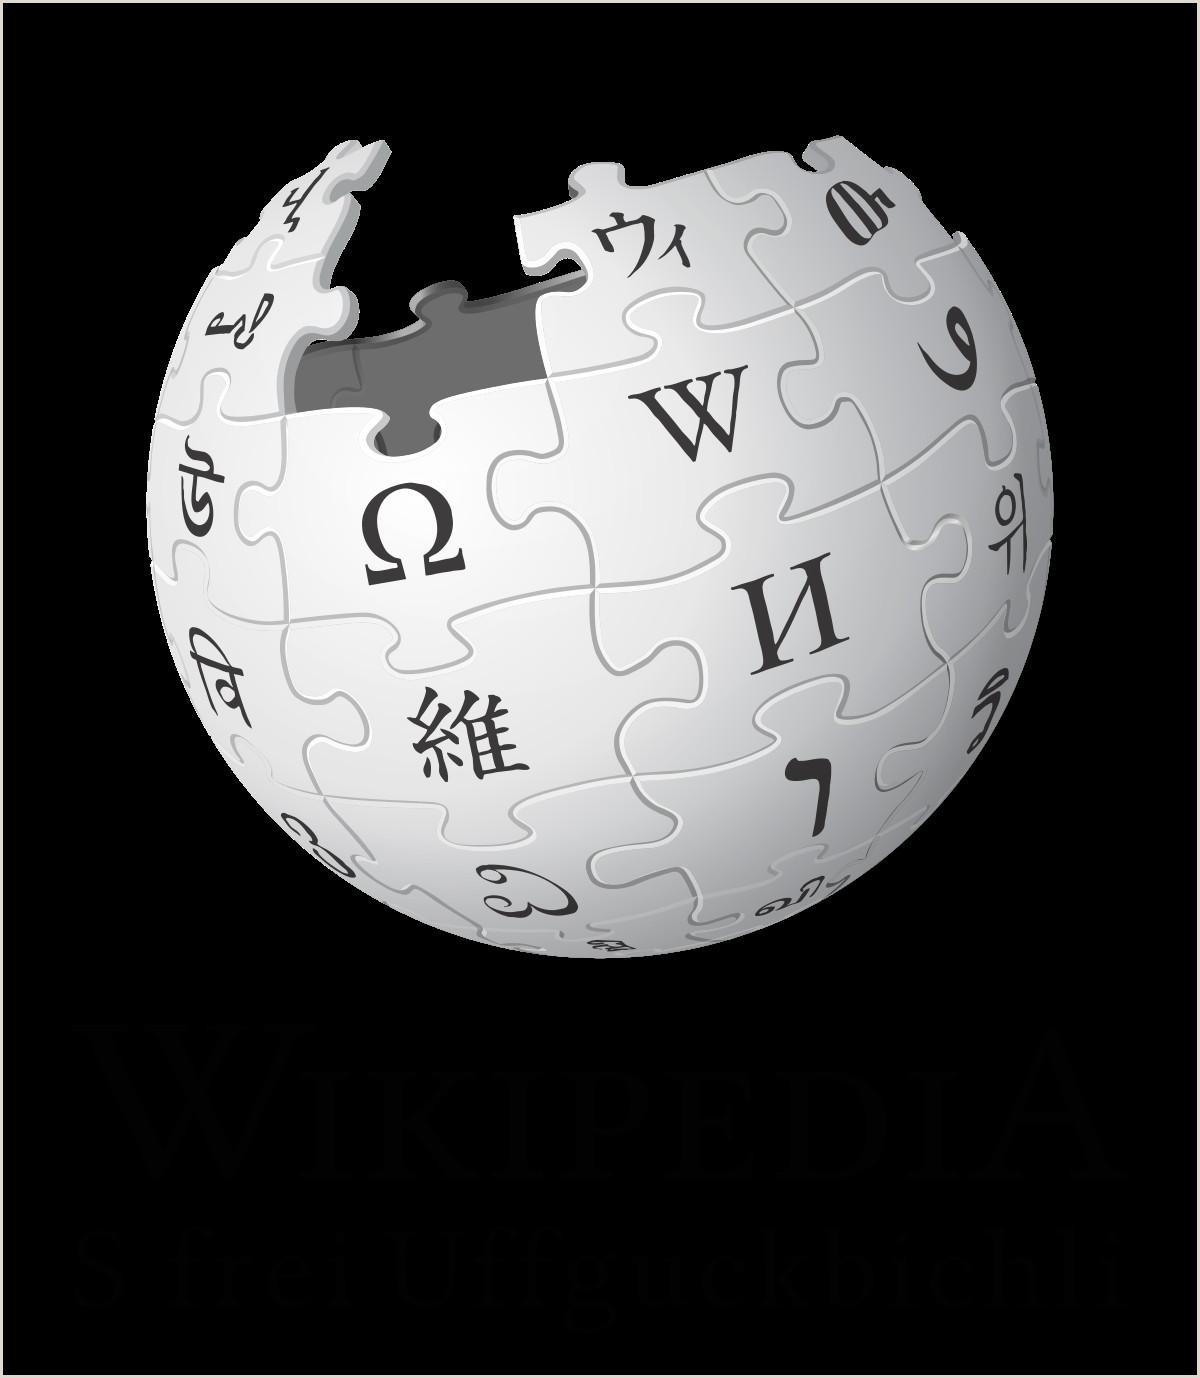 Modele De Cv Haitien Wikipédia En Pennsilfaanisch — Wikipédia